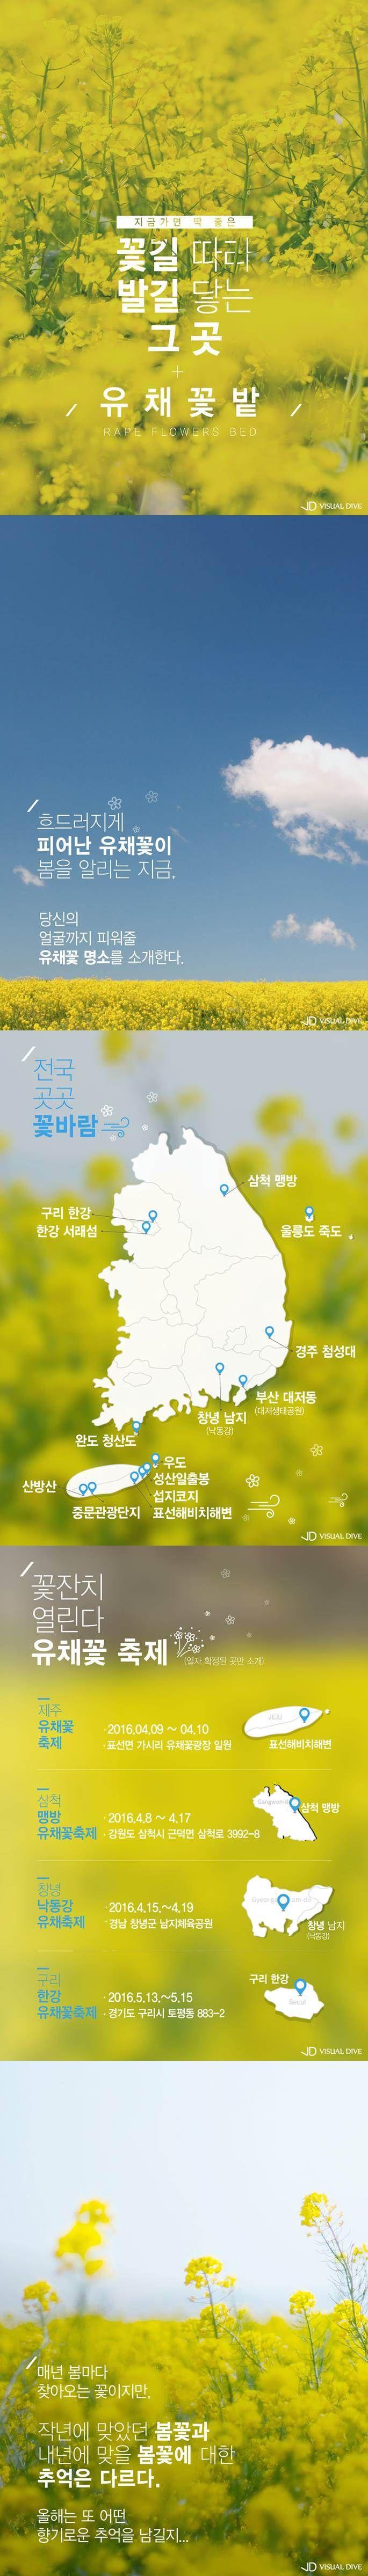 노란 봄이 피었다… 전국 유채꽃 명소 소개 [카드뉴스] #flower / #cardnews ⓒ 비주얼다이브 무단 복사·전재·재배포 금지